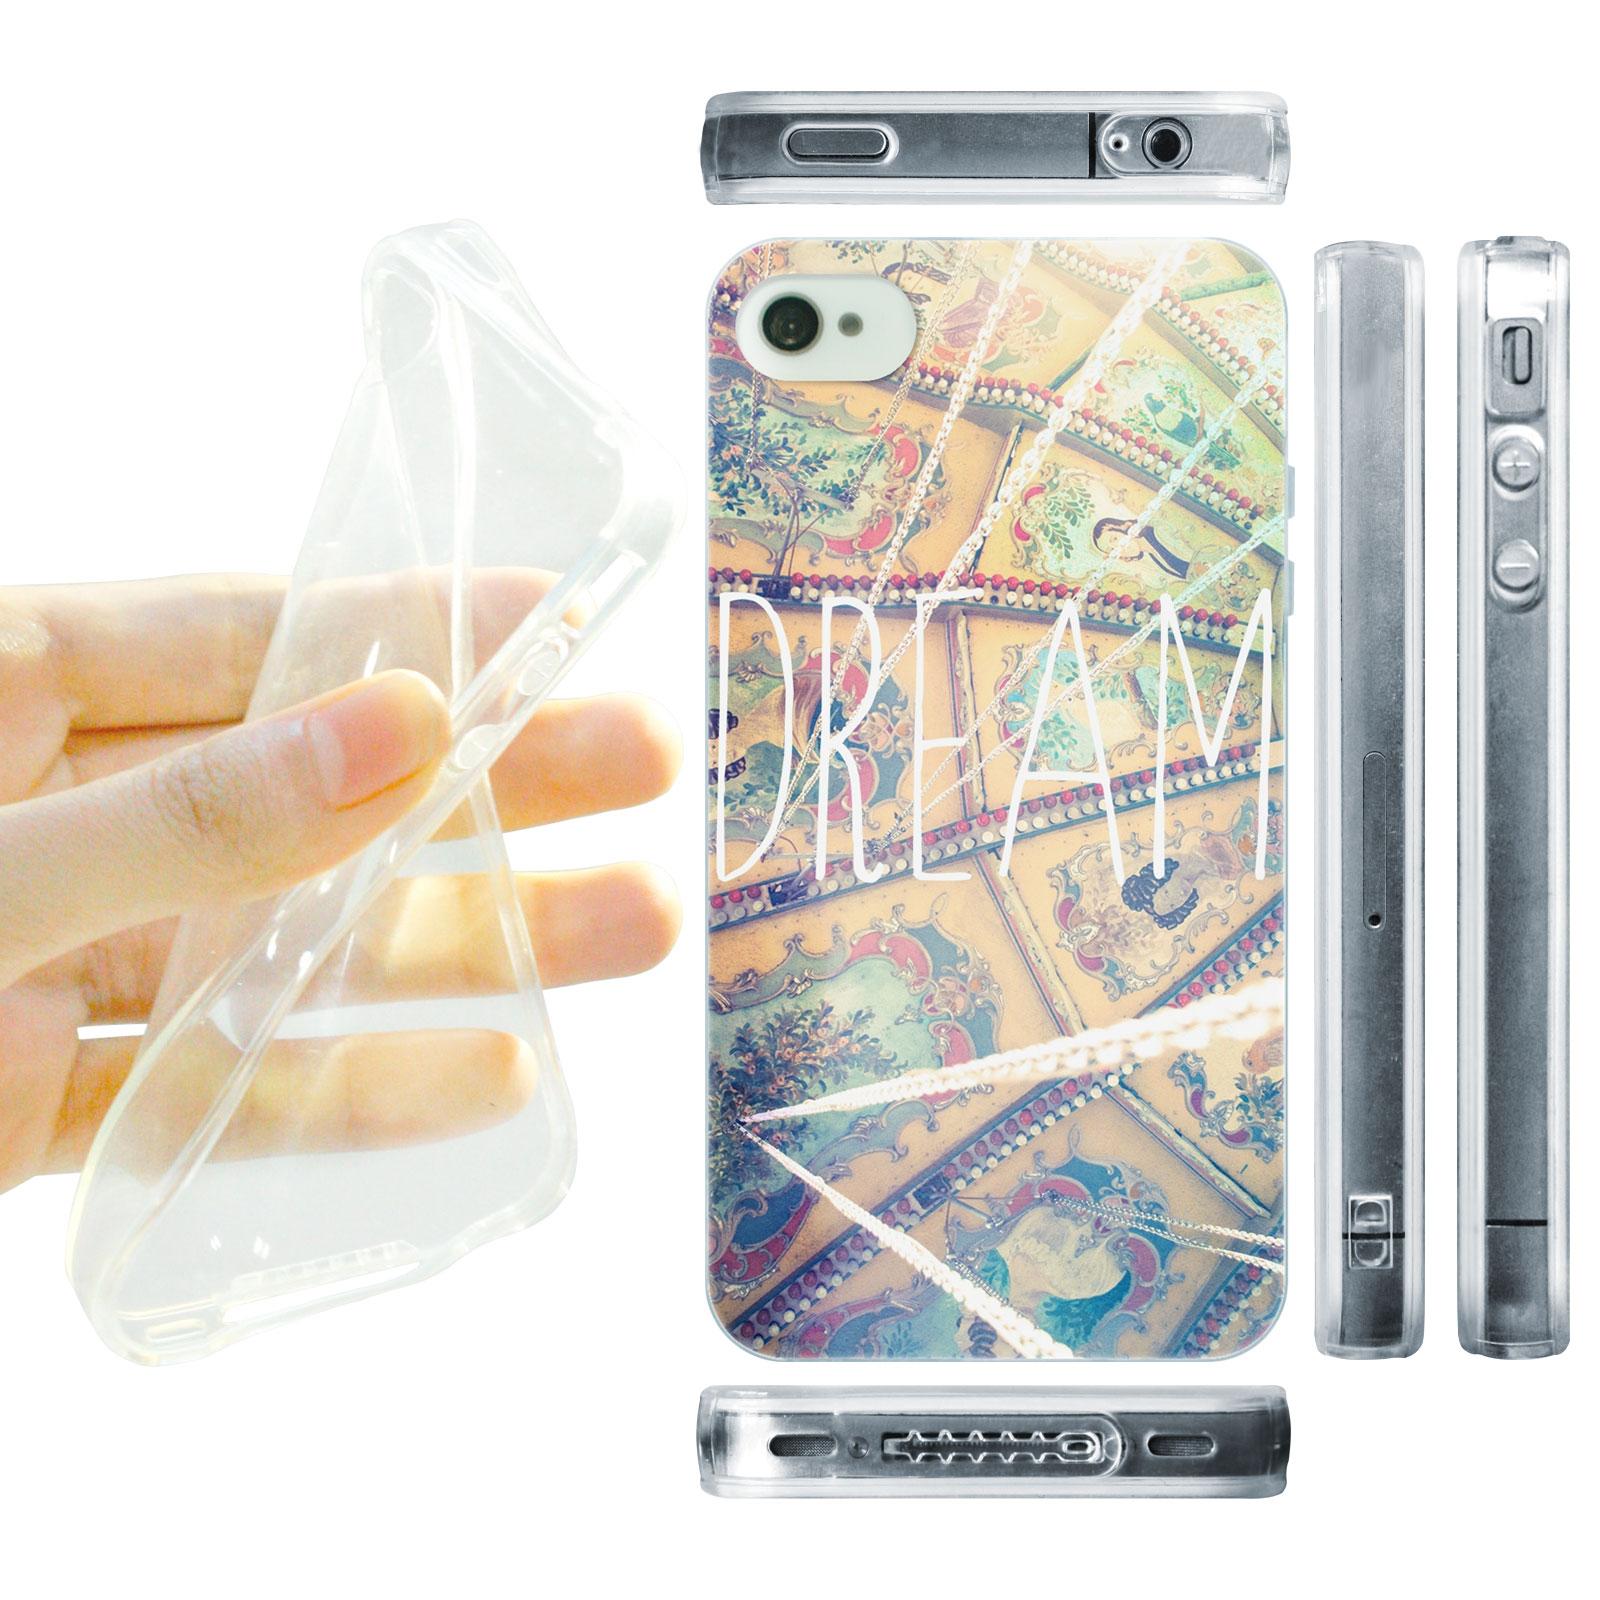 HEAD CASE silikonový obal na mobil Iphone 4/4S snění dream pozitivní myšlenky